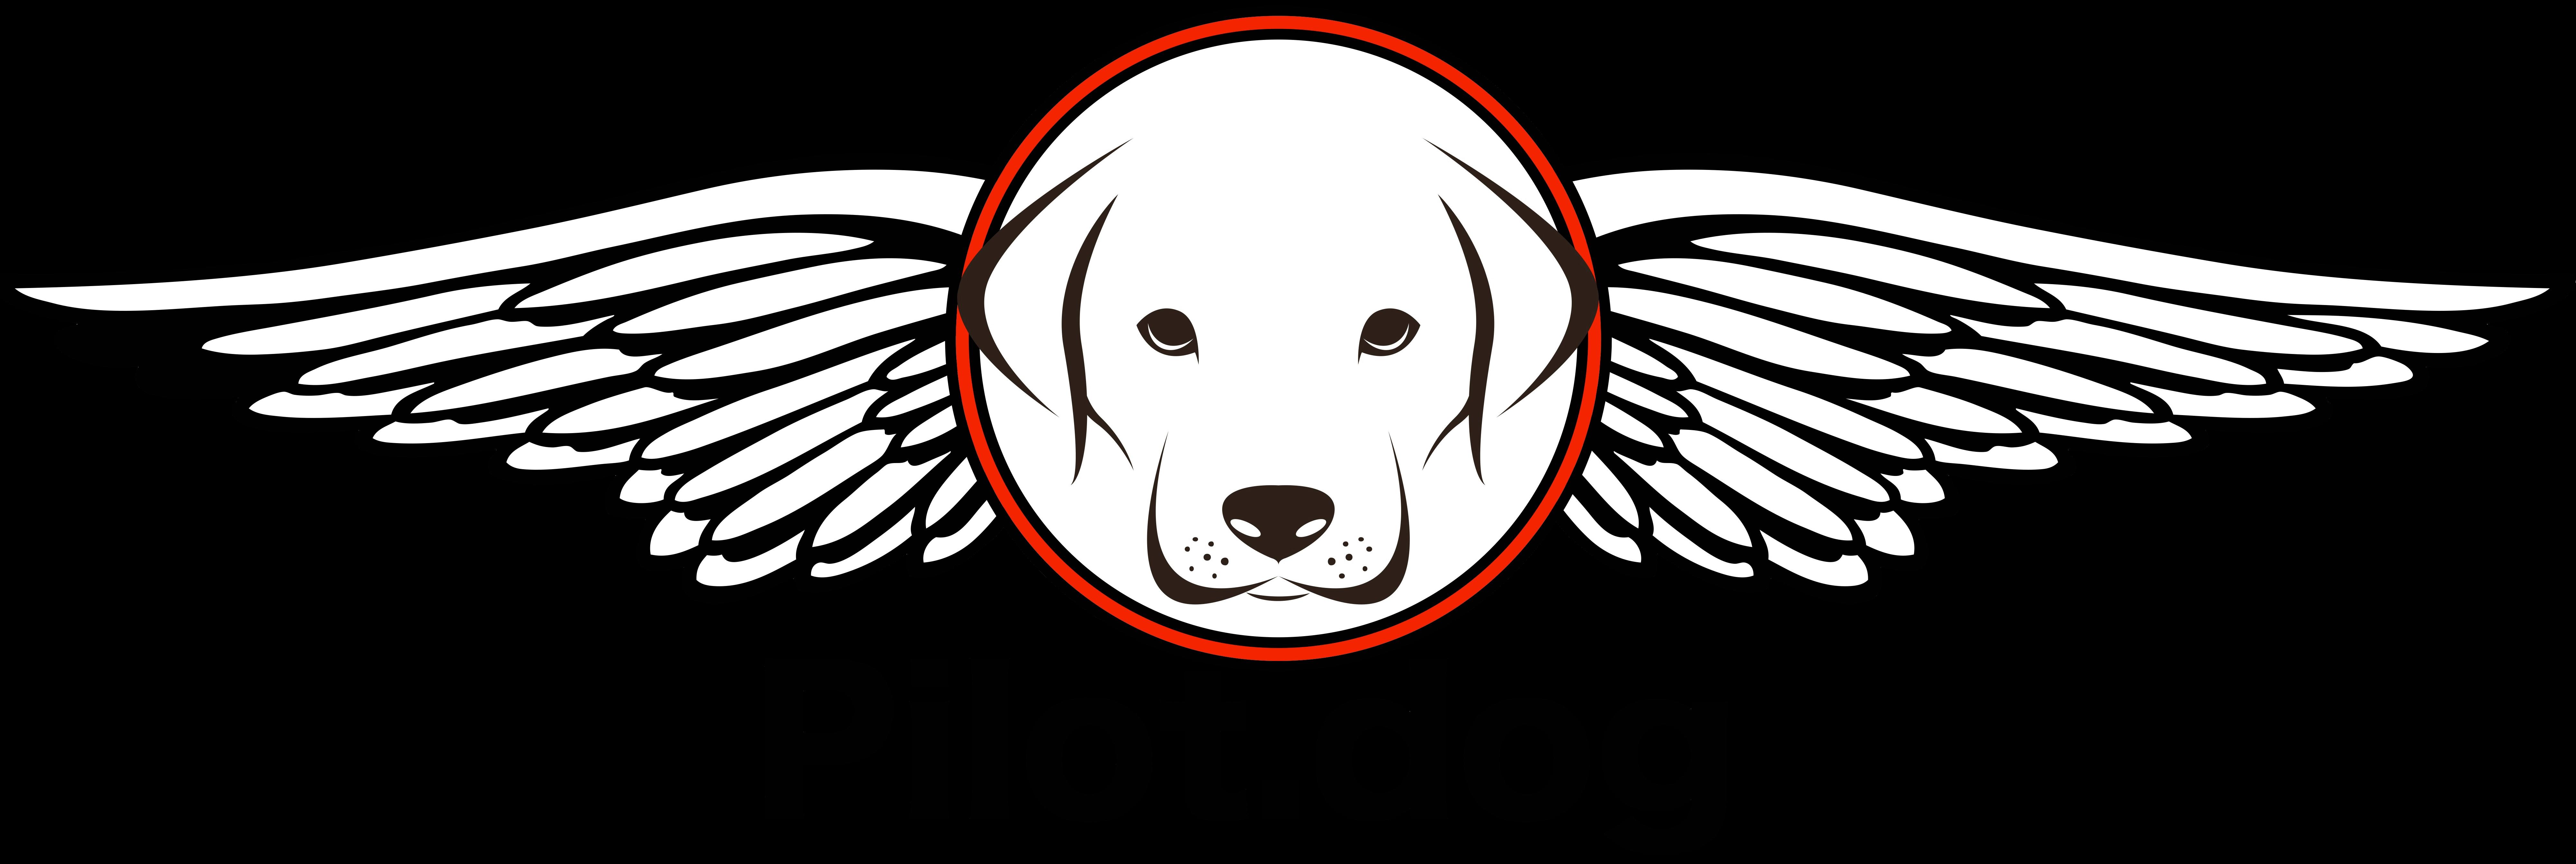 Pilot.dog